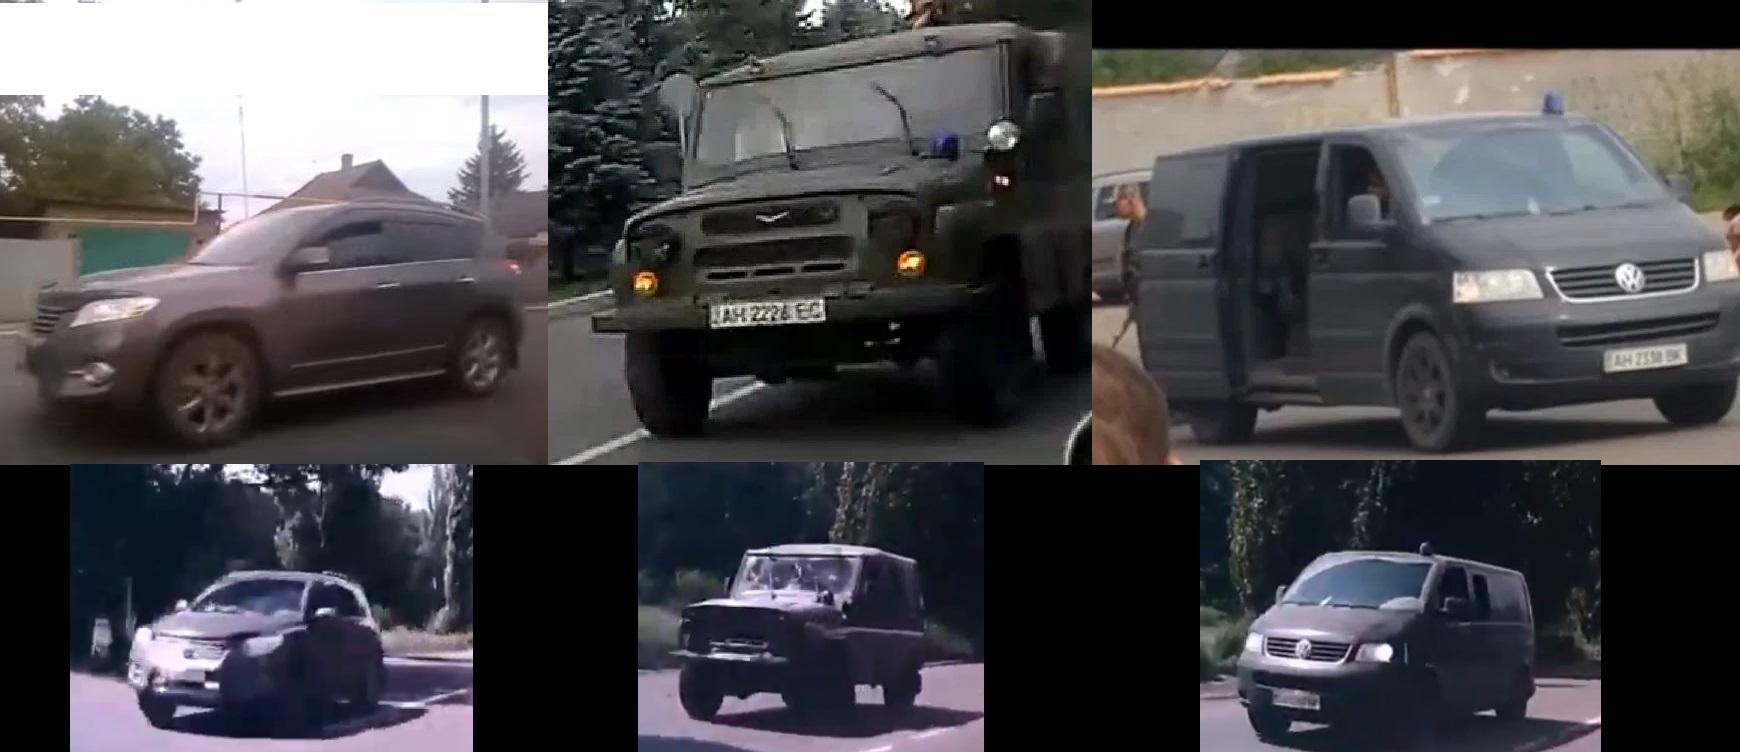 Сравнение видео с 15 июля (вверху) и 17 июля (внизу) на востоке Украины